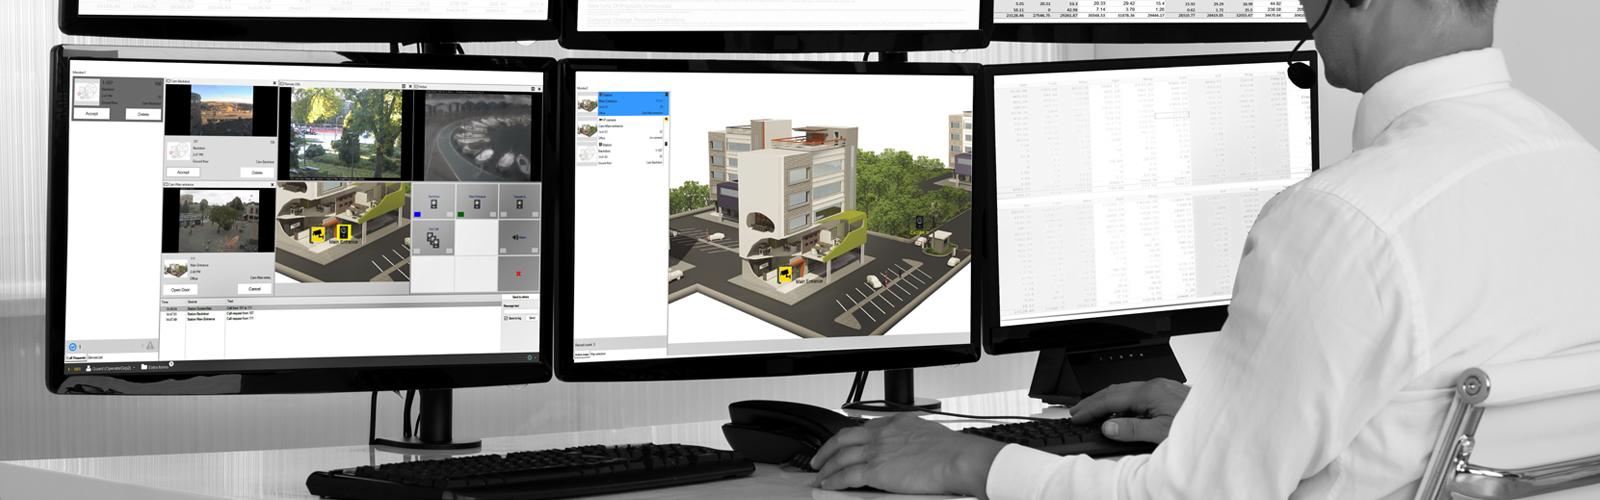 Alphaview Control Room solution for Alphacom